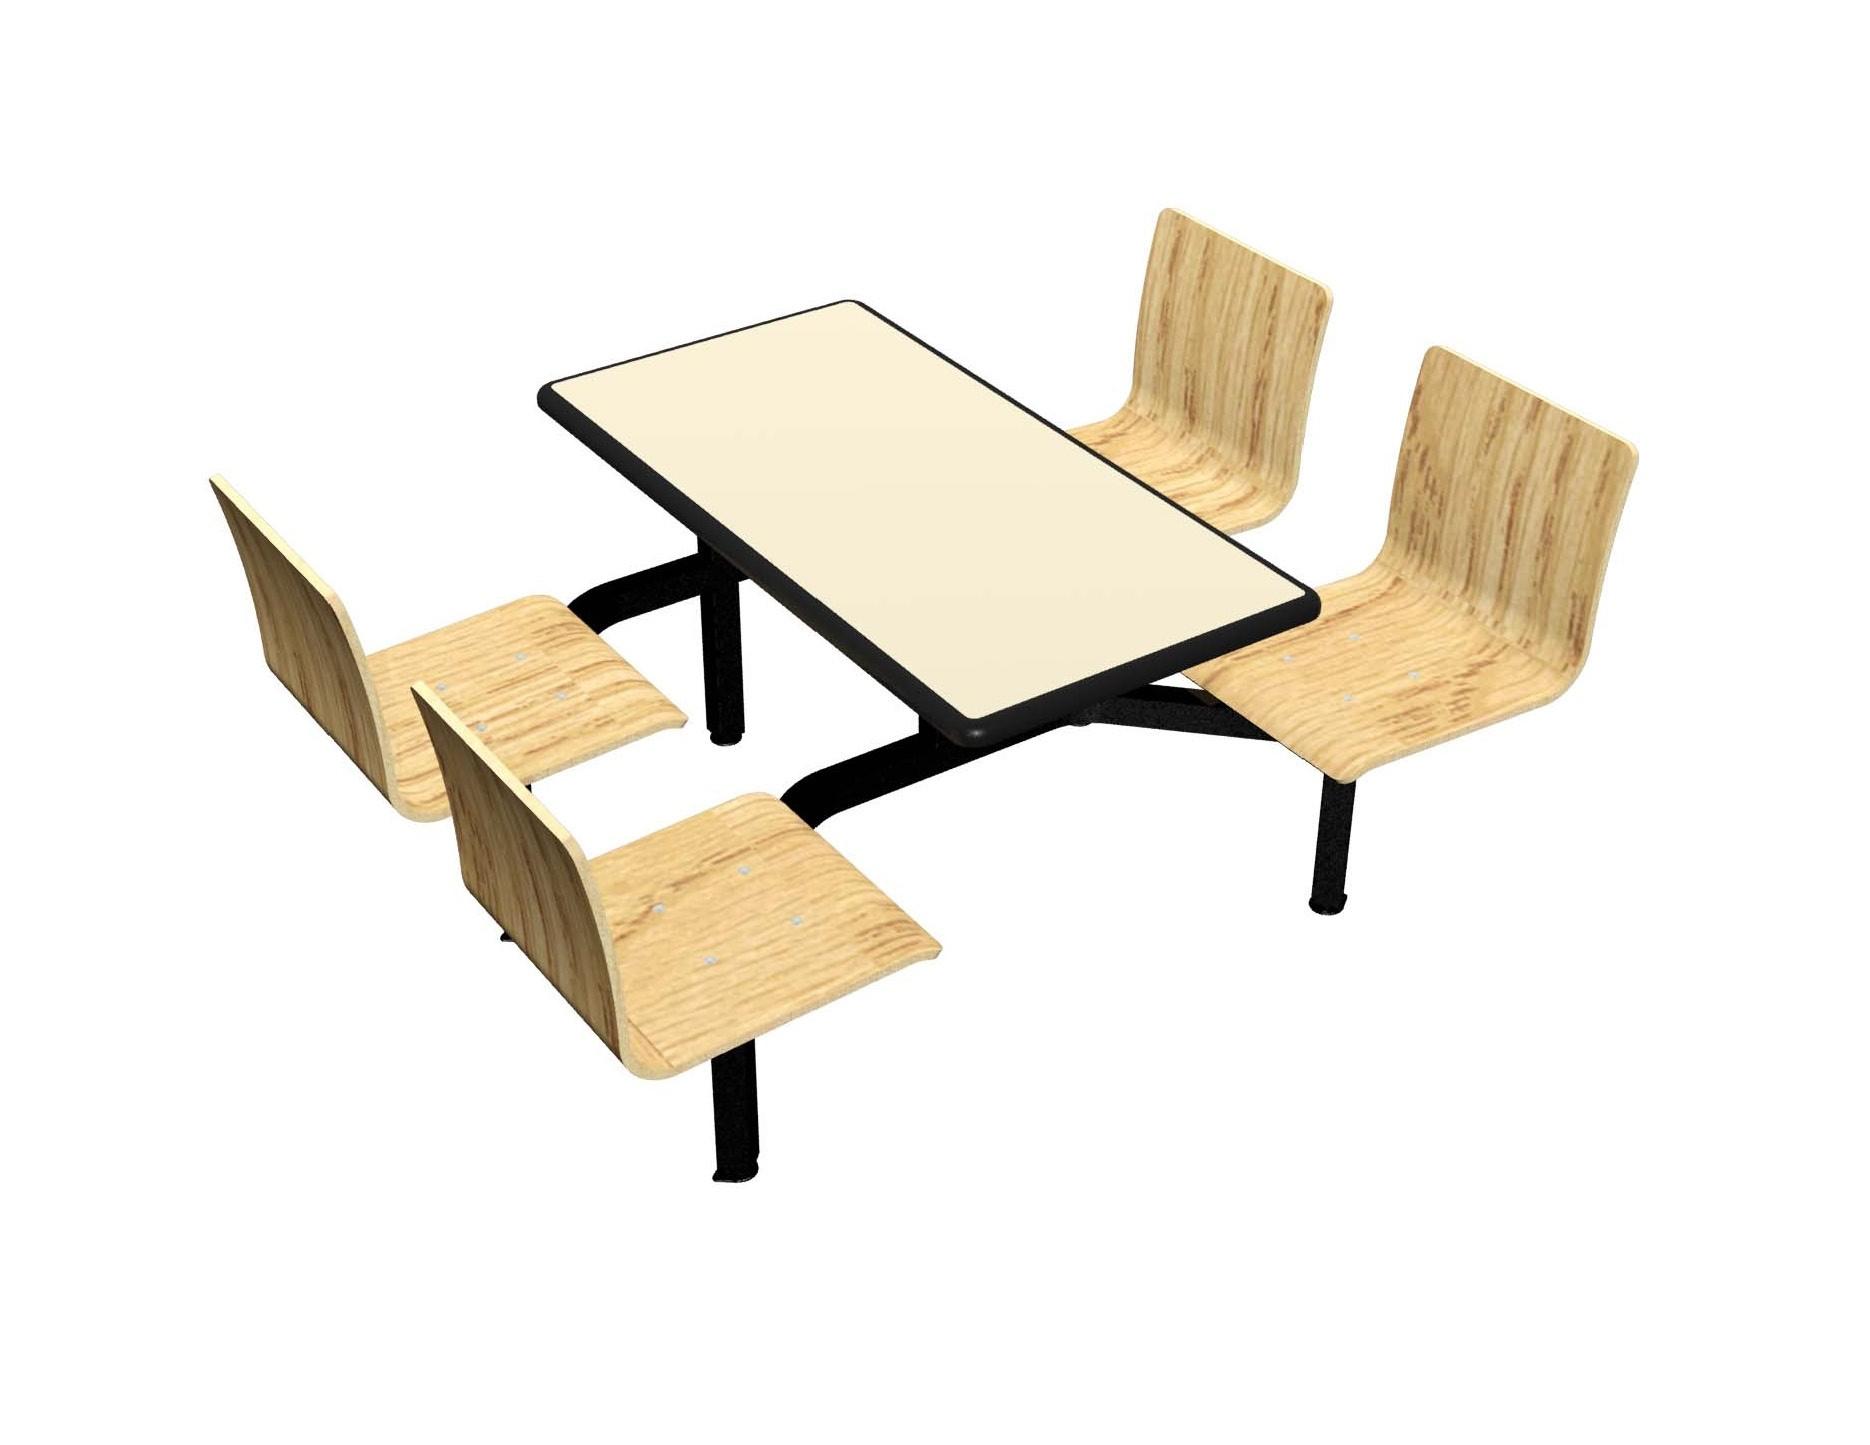 Wallaby laminate table, Black Dur-A-Edge, Natural Oak laminate chairhead